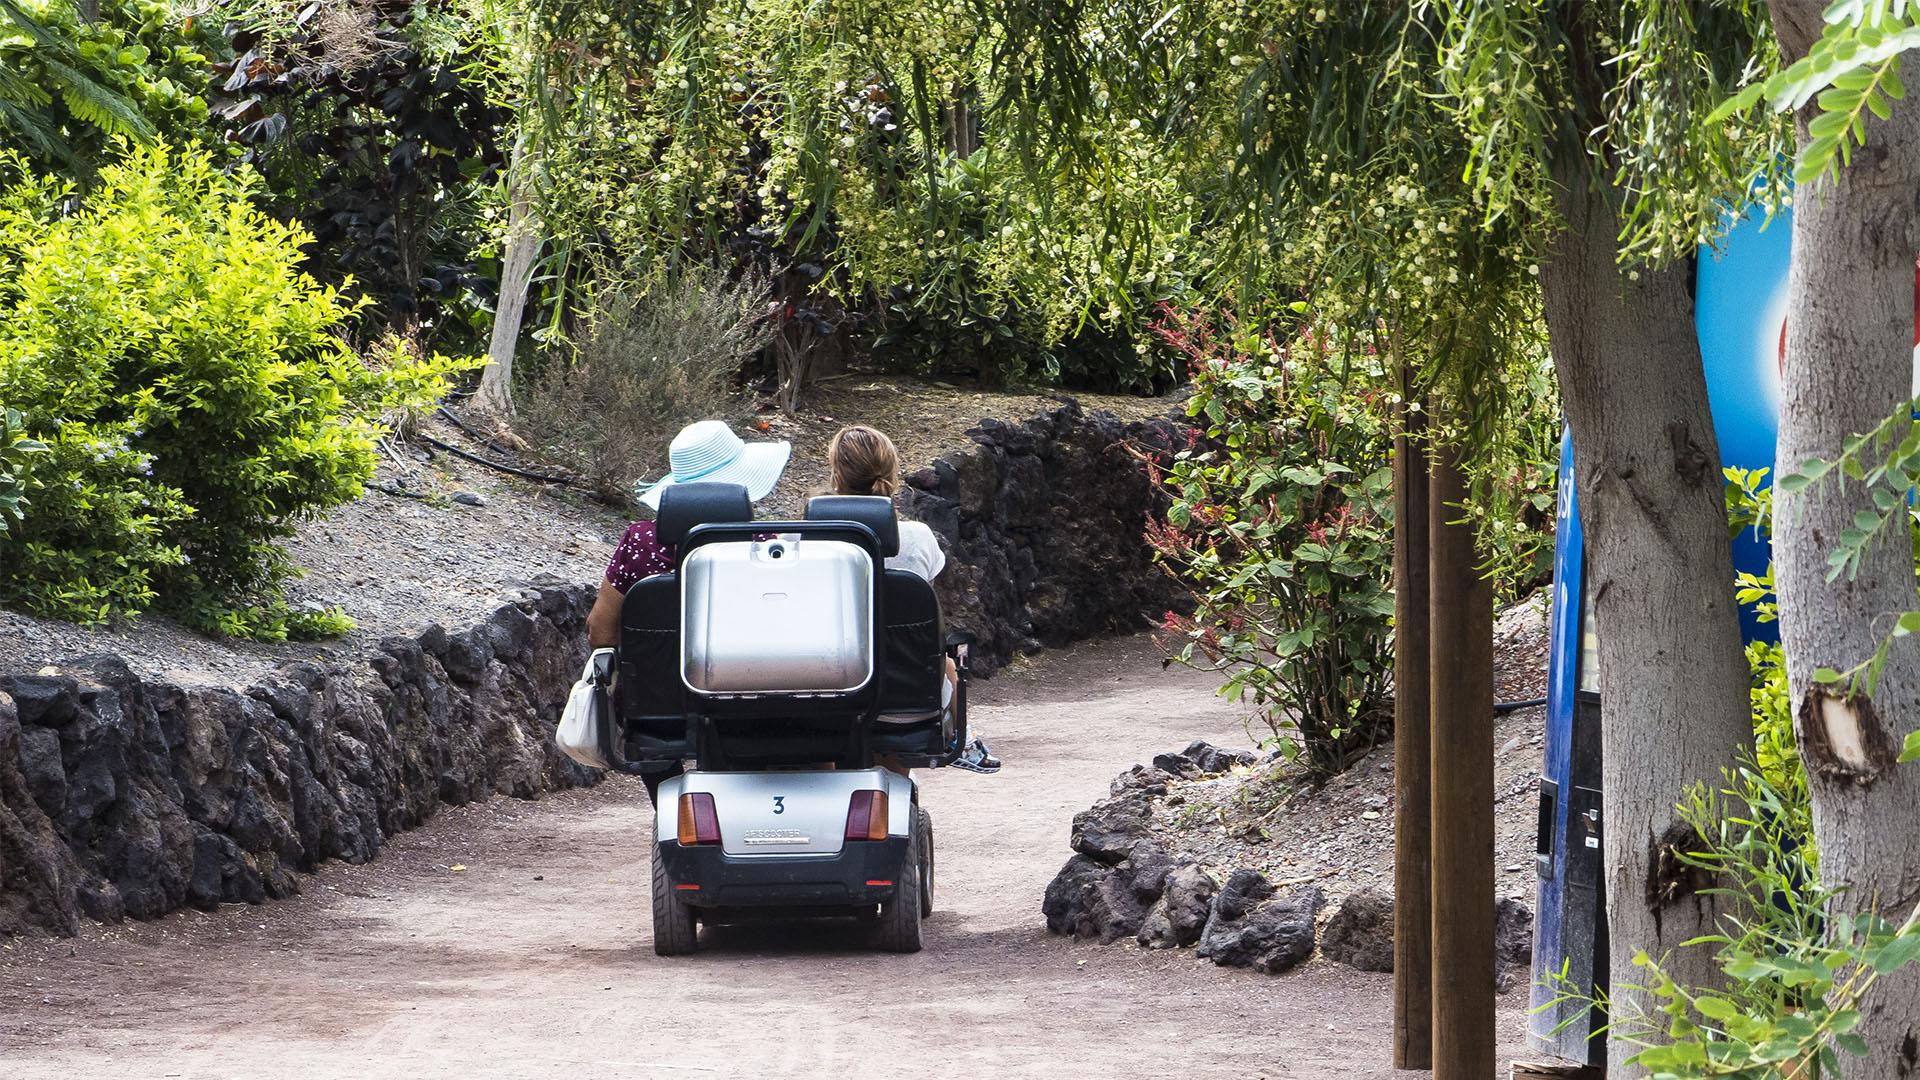 Mobilität auf Fuerteventura mieten: Mietwagen, Motorras, Räder, Gehilfen, Scooter und mehr.